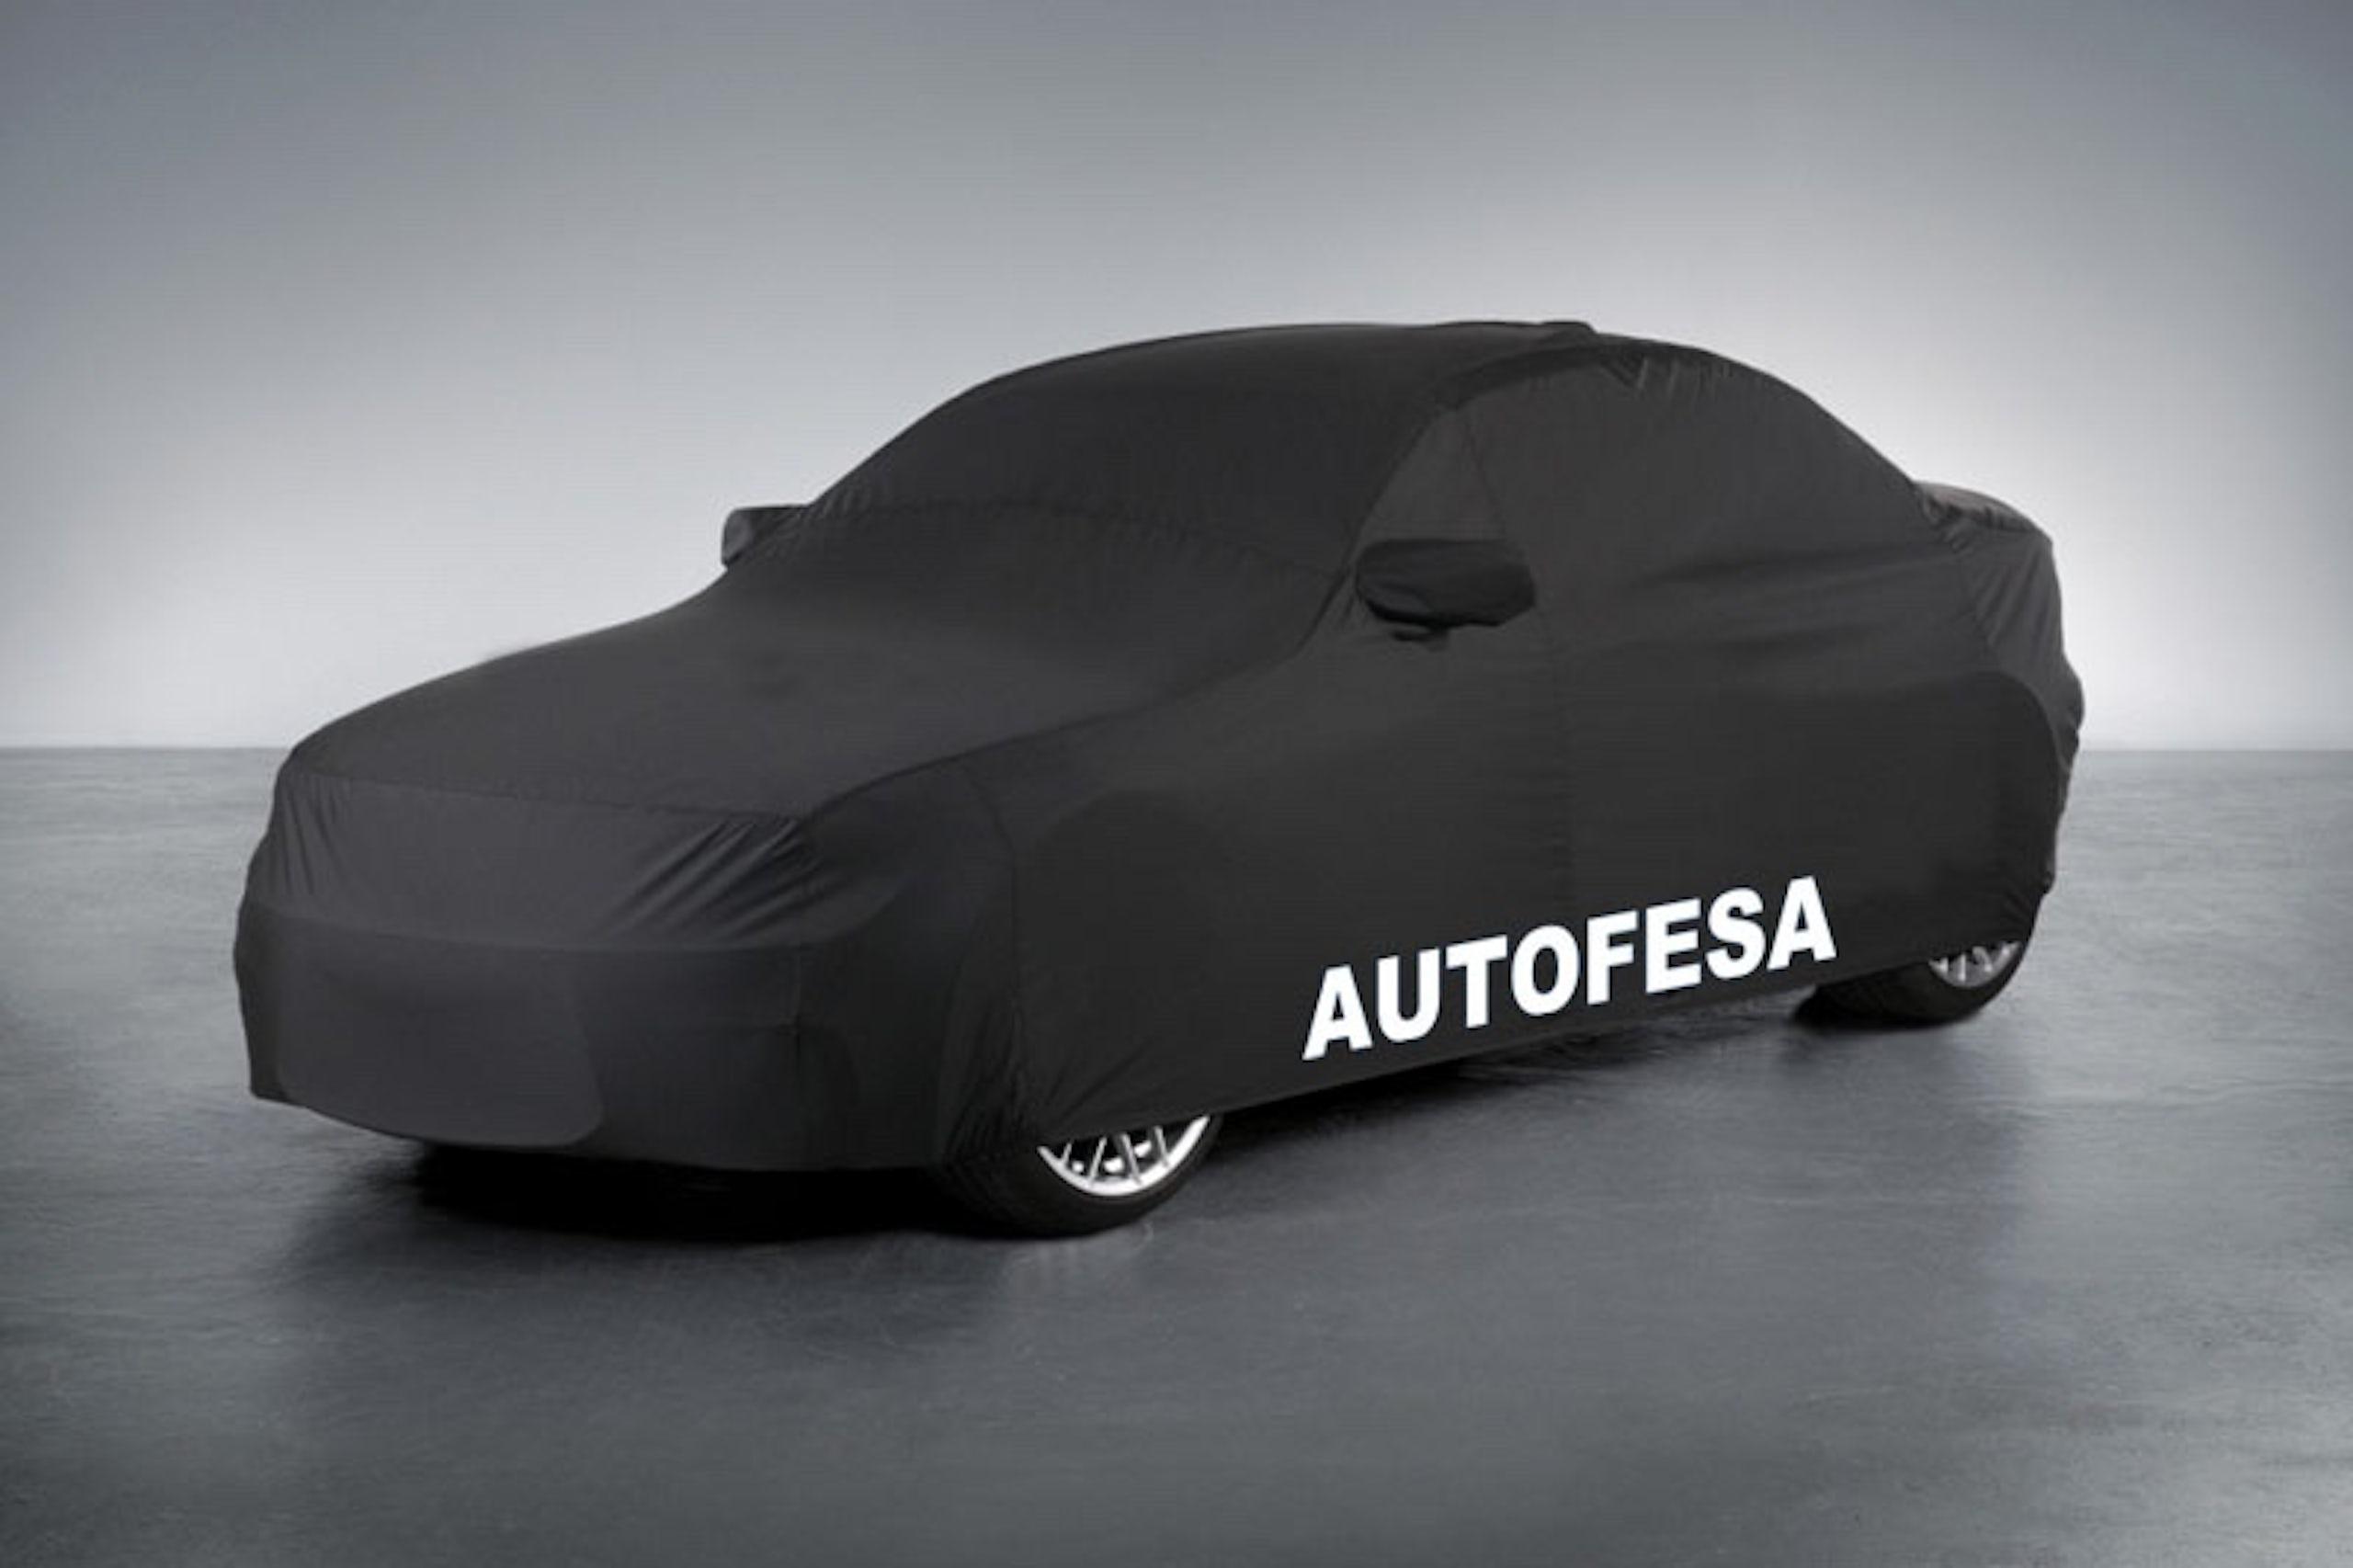 Audi Q7 3.0 TDI 233cv quattro Tiptronic 5p 7plz Auto - Foto 33